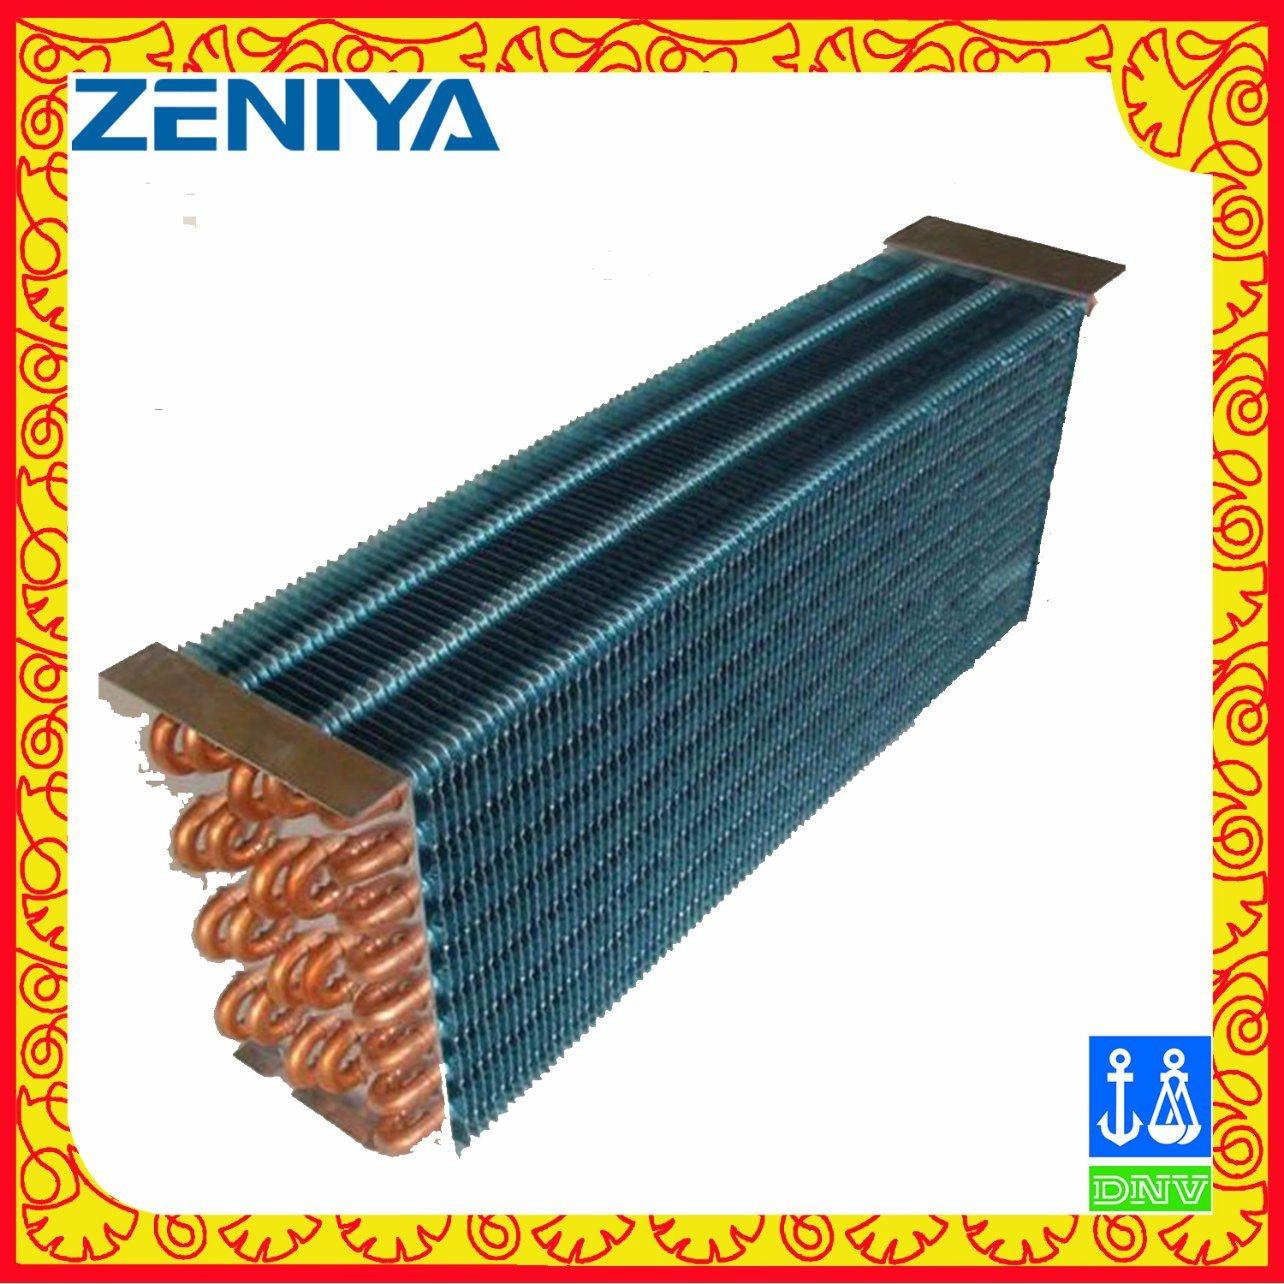 Environmental Copper Tube Copper Fin Condenser Coil for AC Outdoor Unit